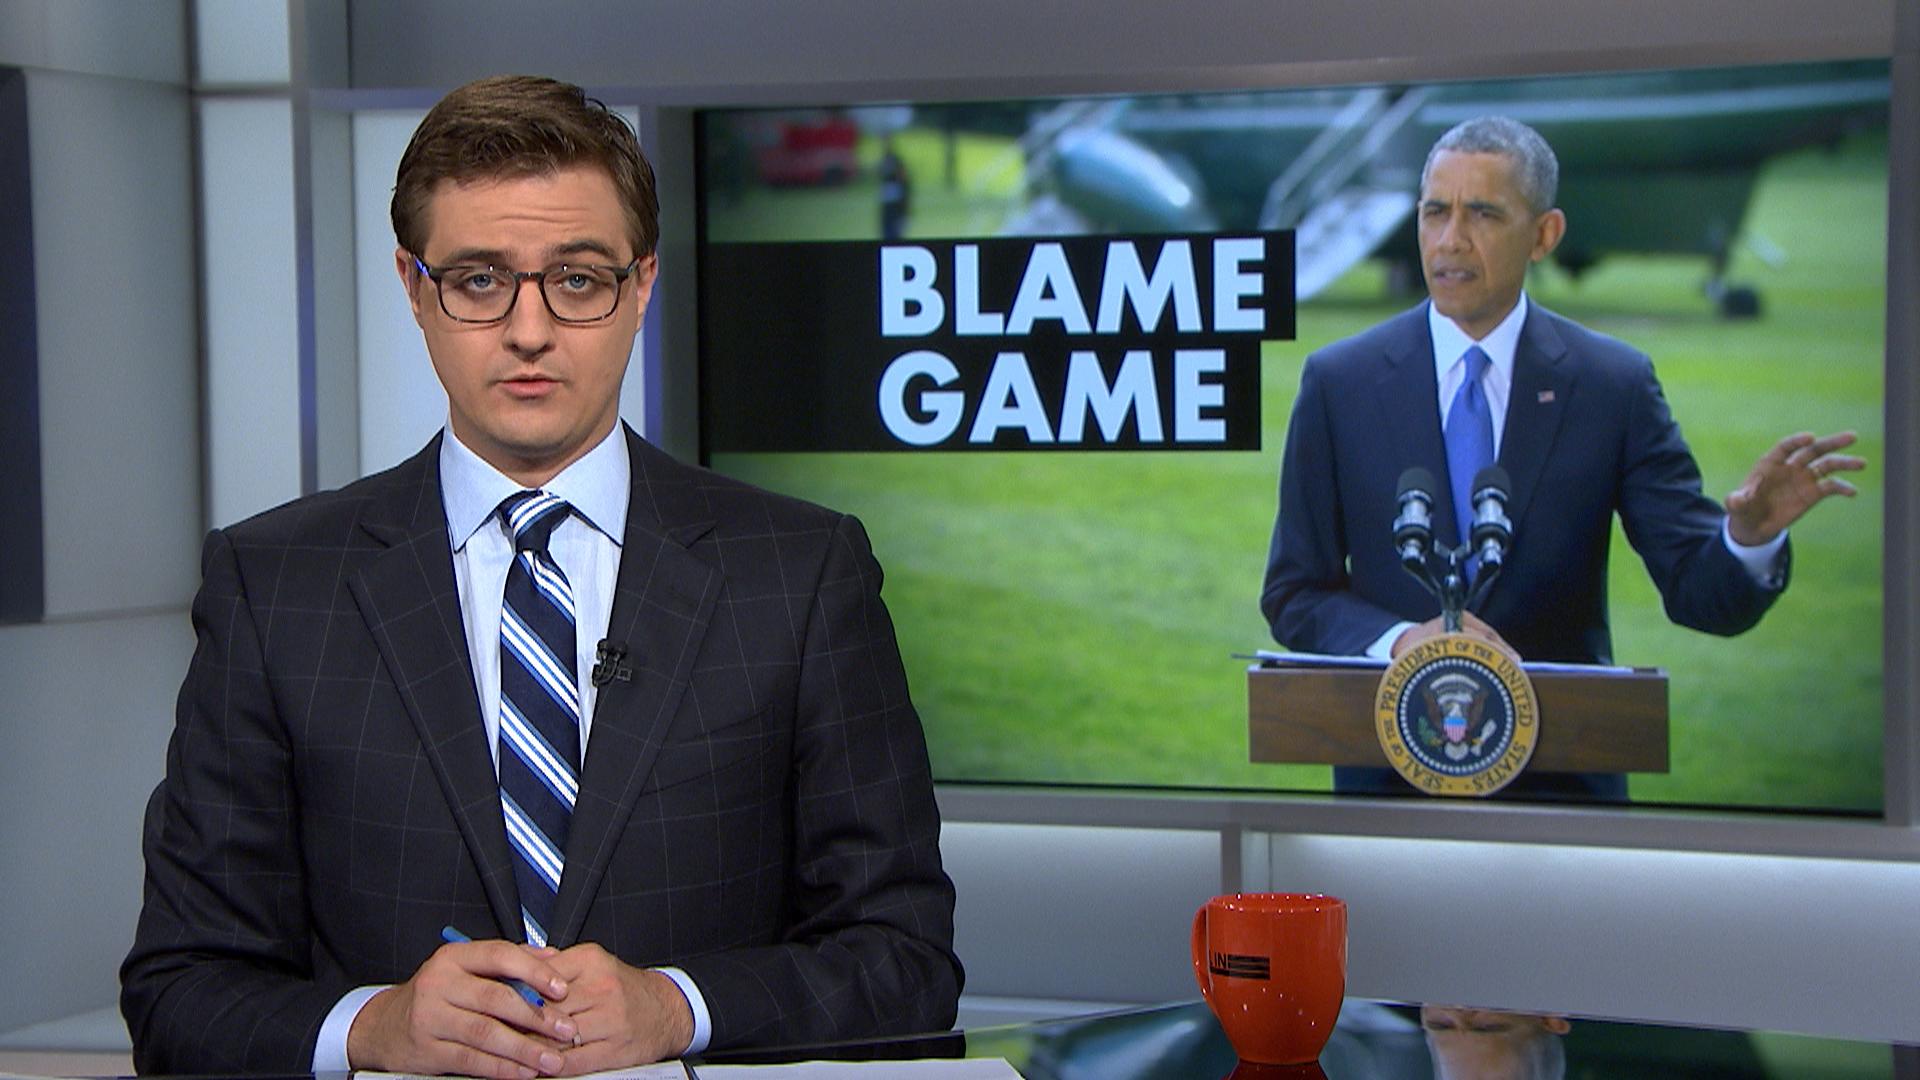 Obama: No U.S. troops in Iraq